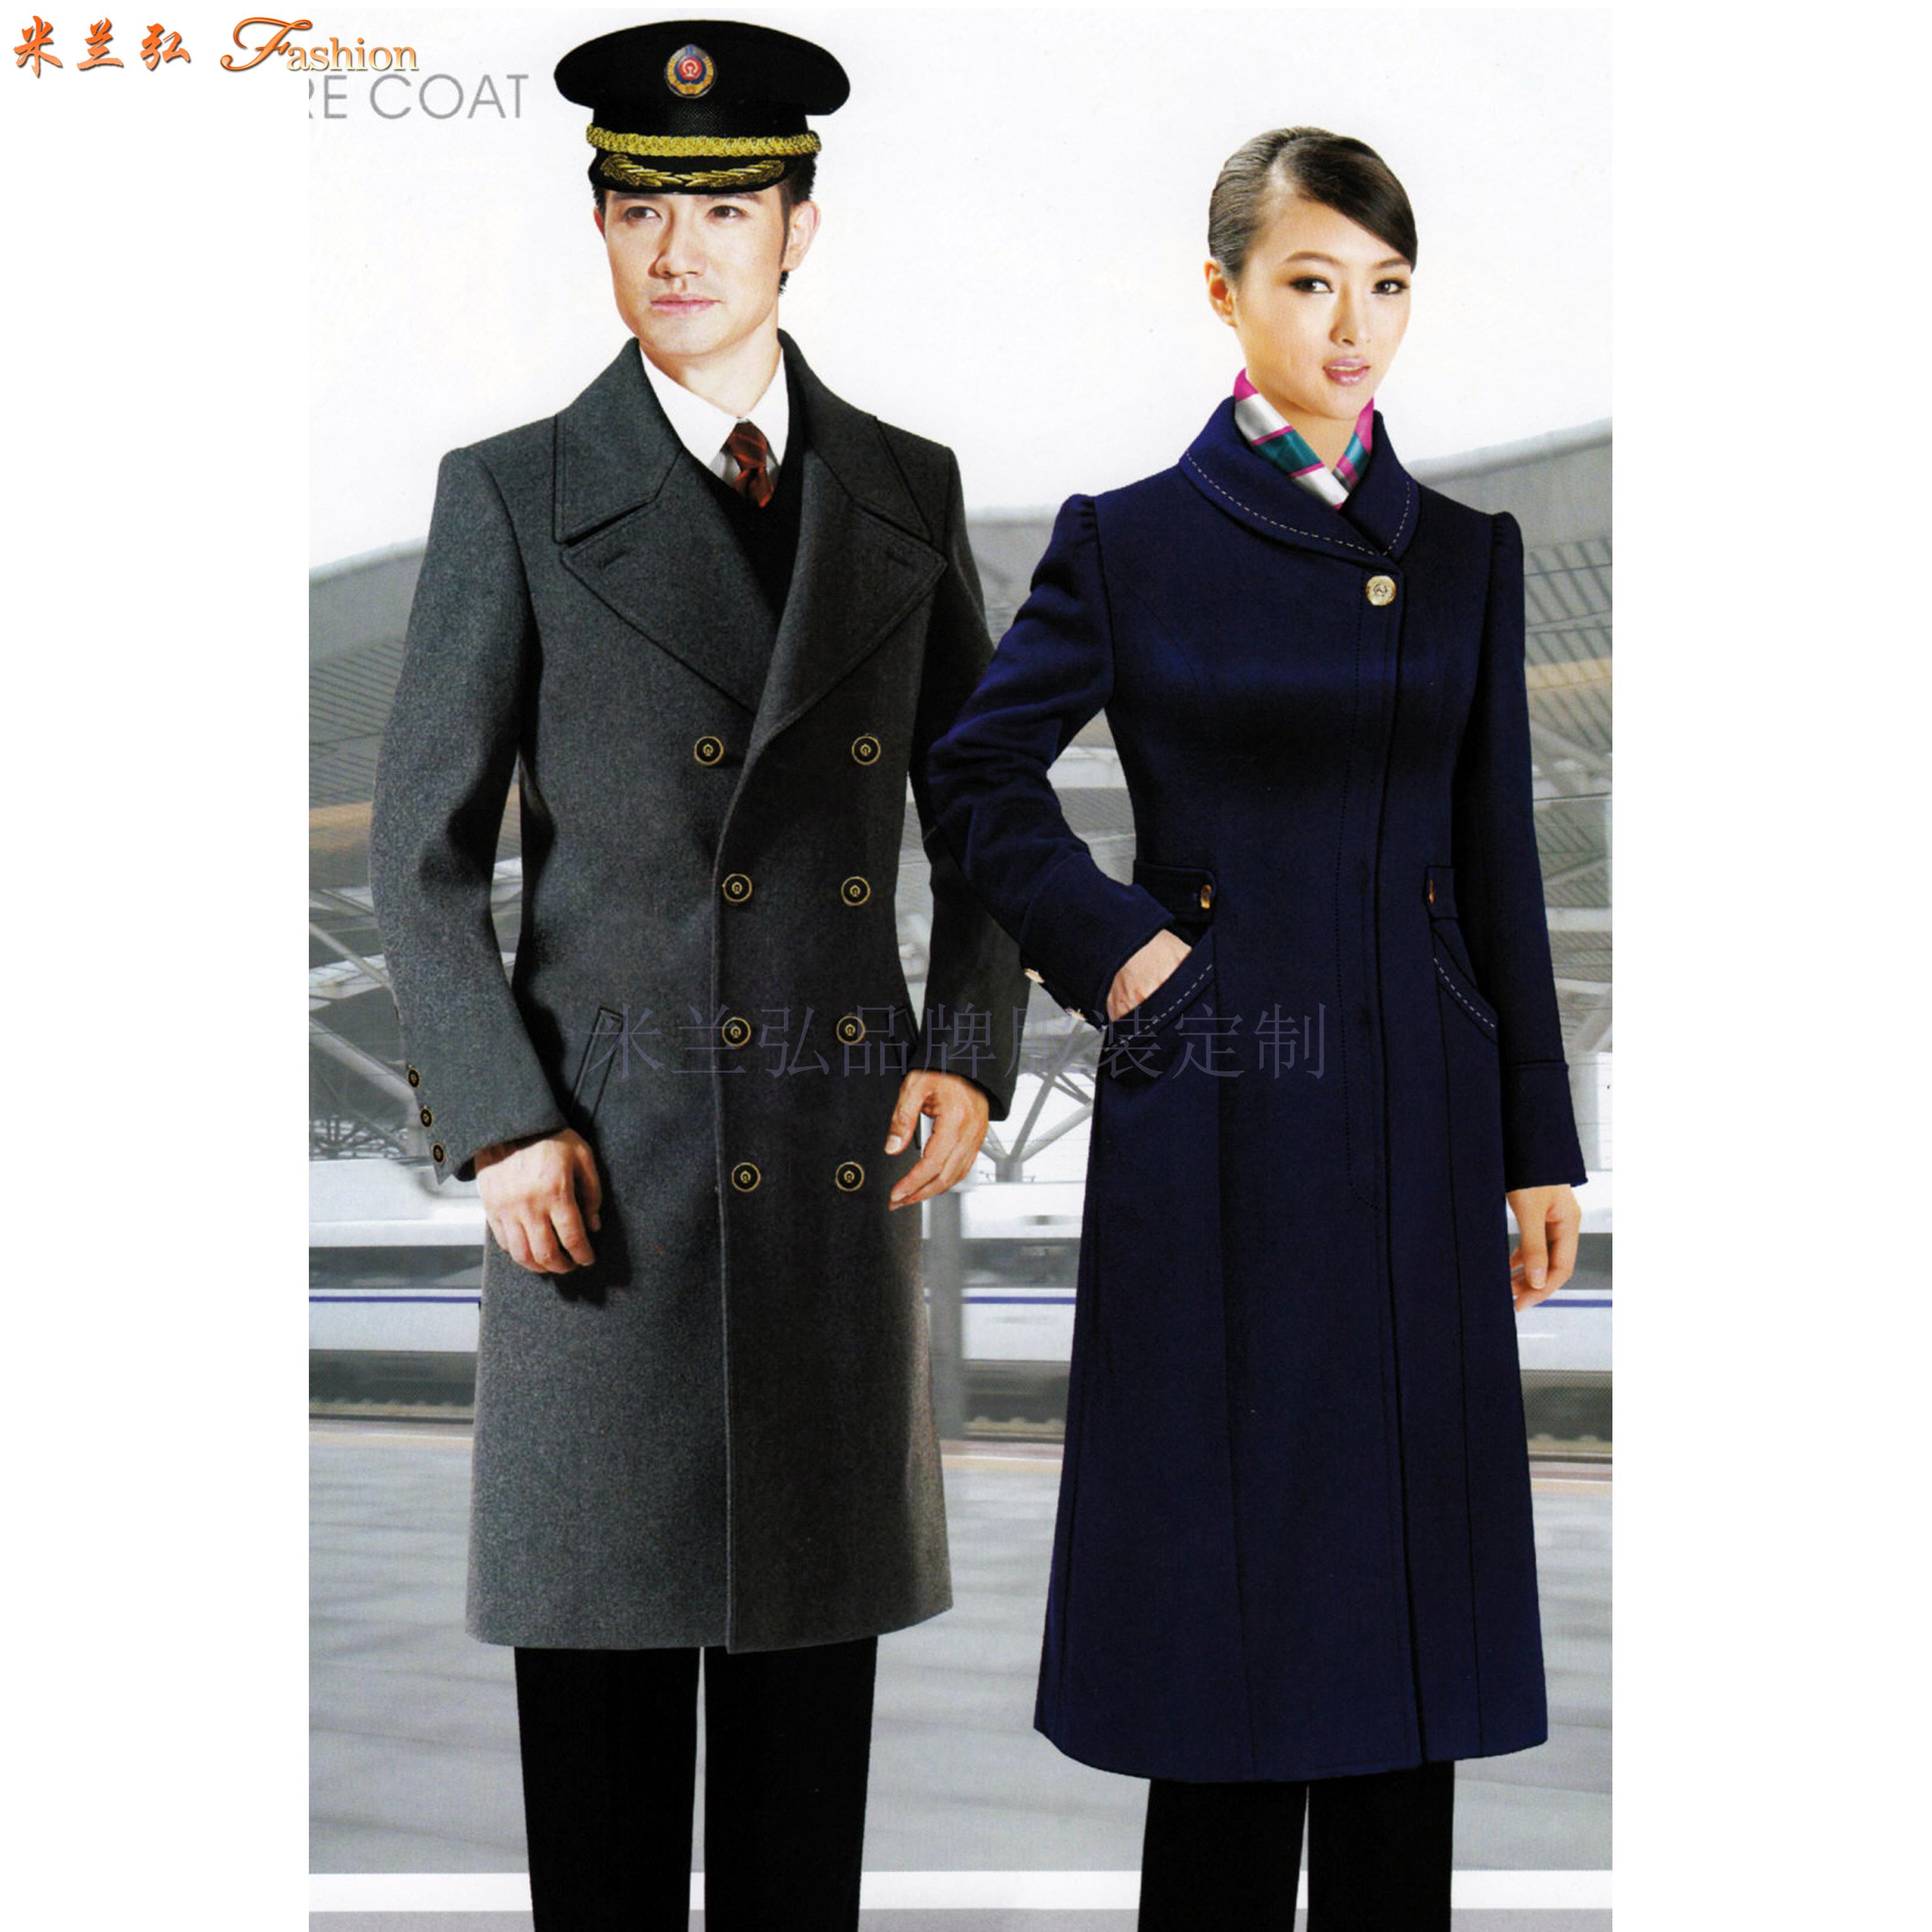 航空公司机长大衣定做_空姐服大衣定制_飞机空乘服大衣订制-5